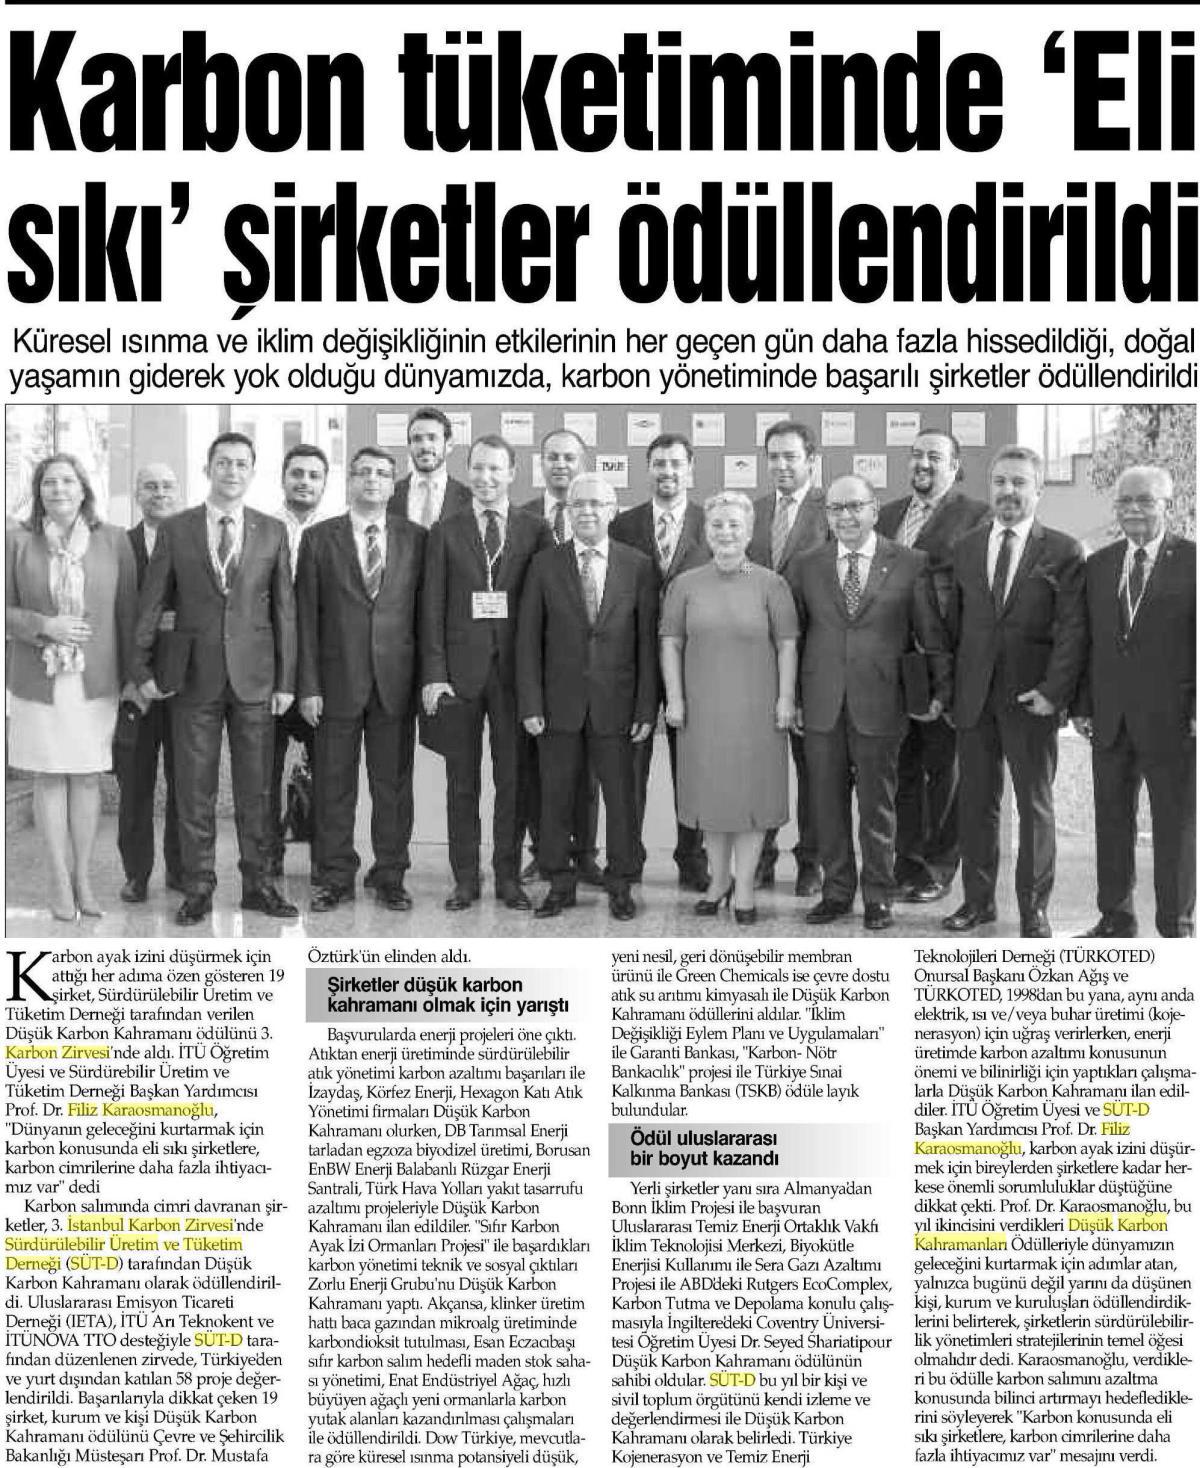 İstanbul Gazetesi 16.04.2016